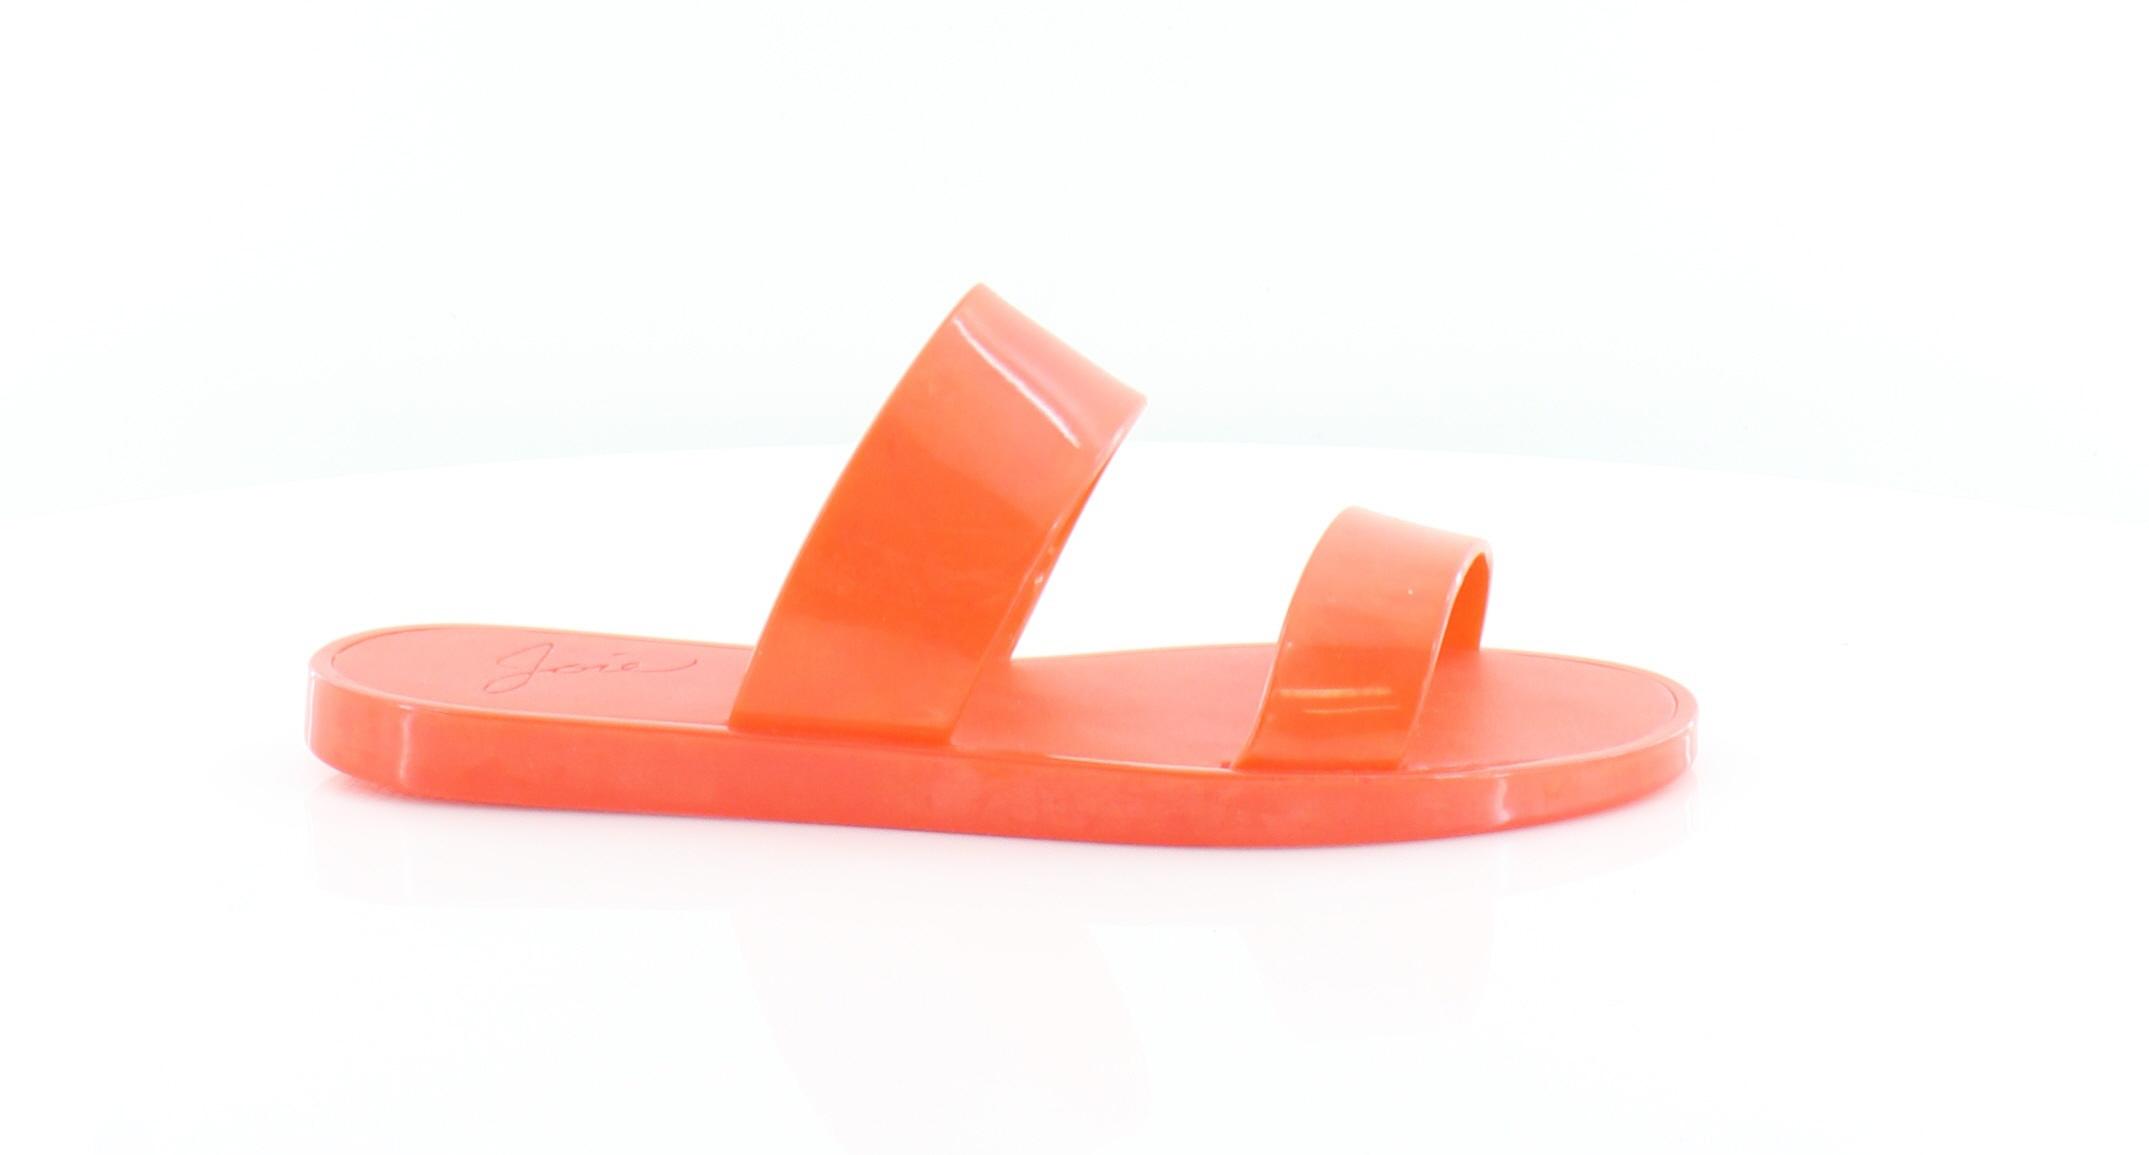 Joie Laila Orange Sandals Womens Shoes Size 6 M Sandals Orange MSRP $78 2fa517